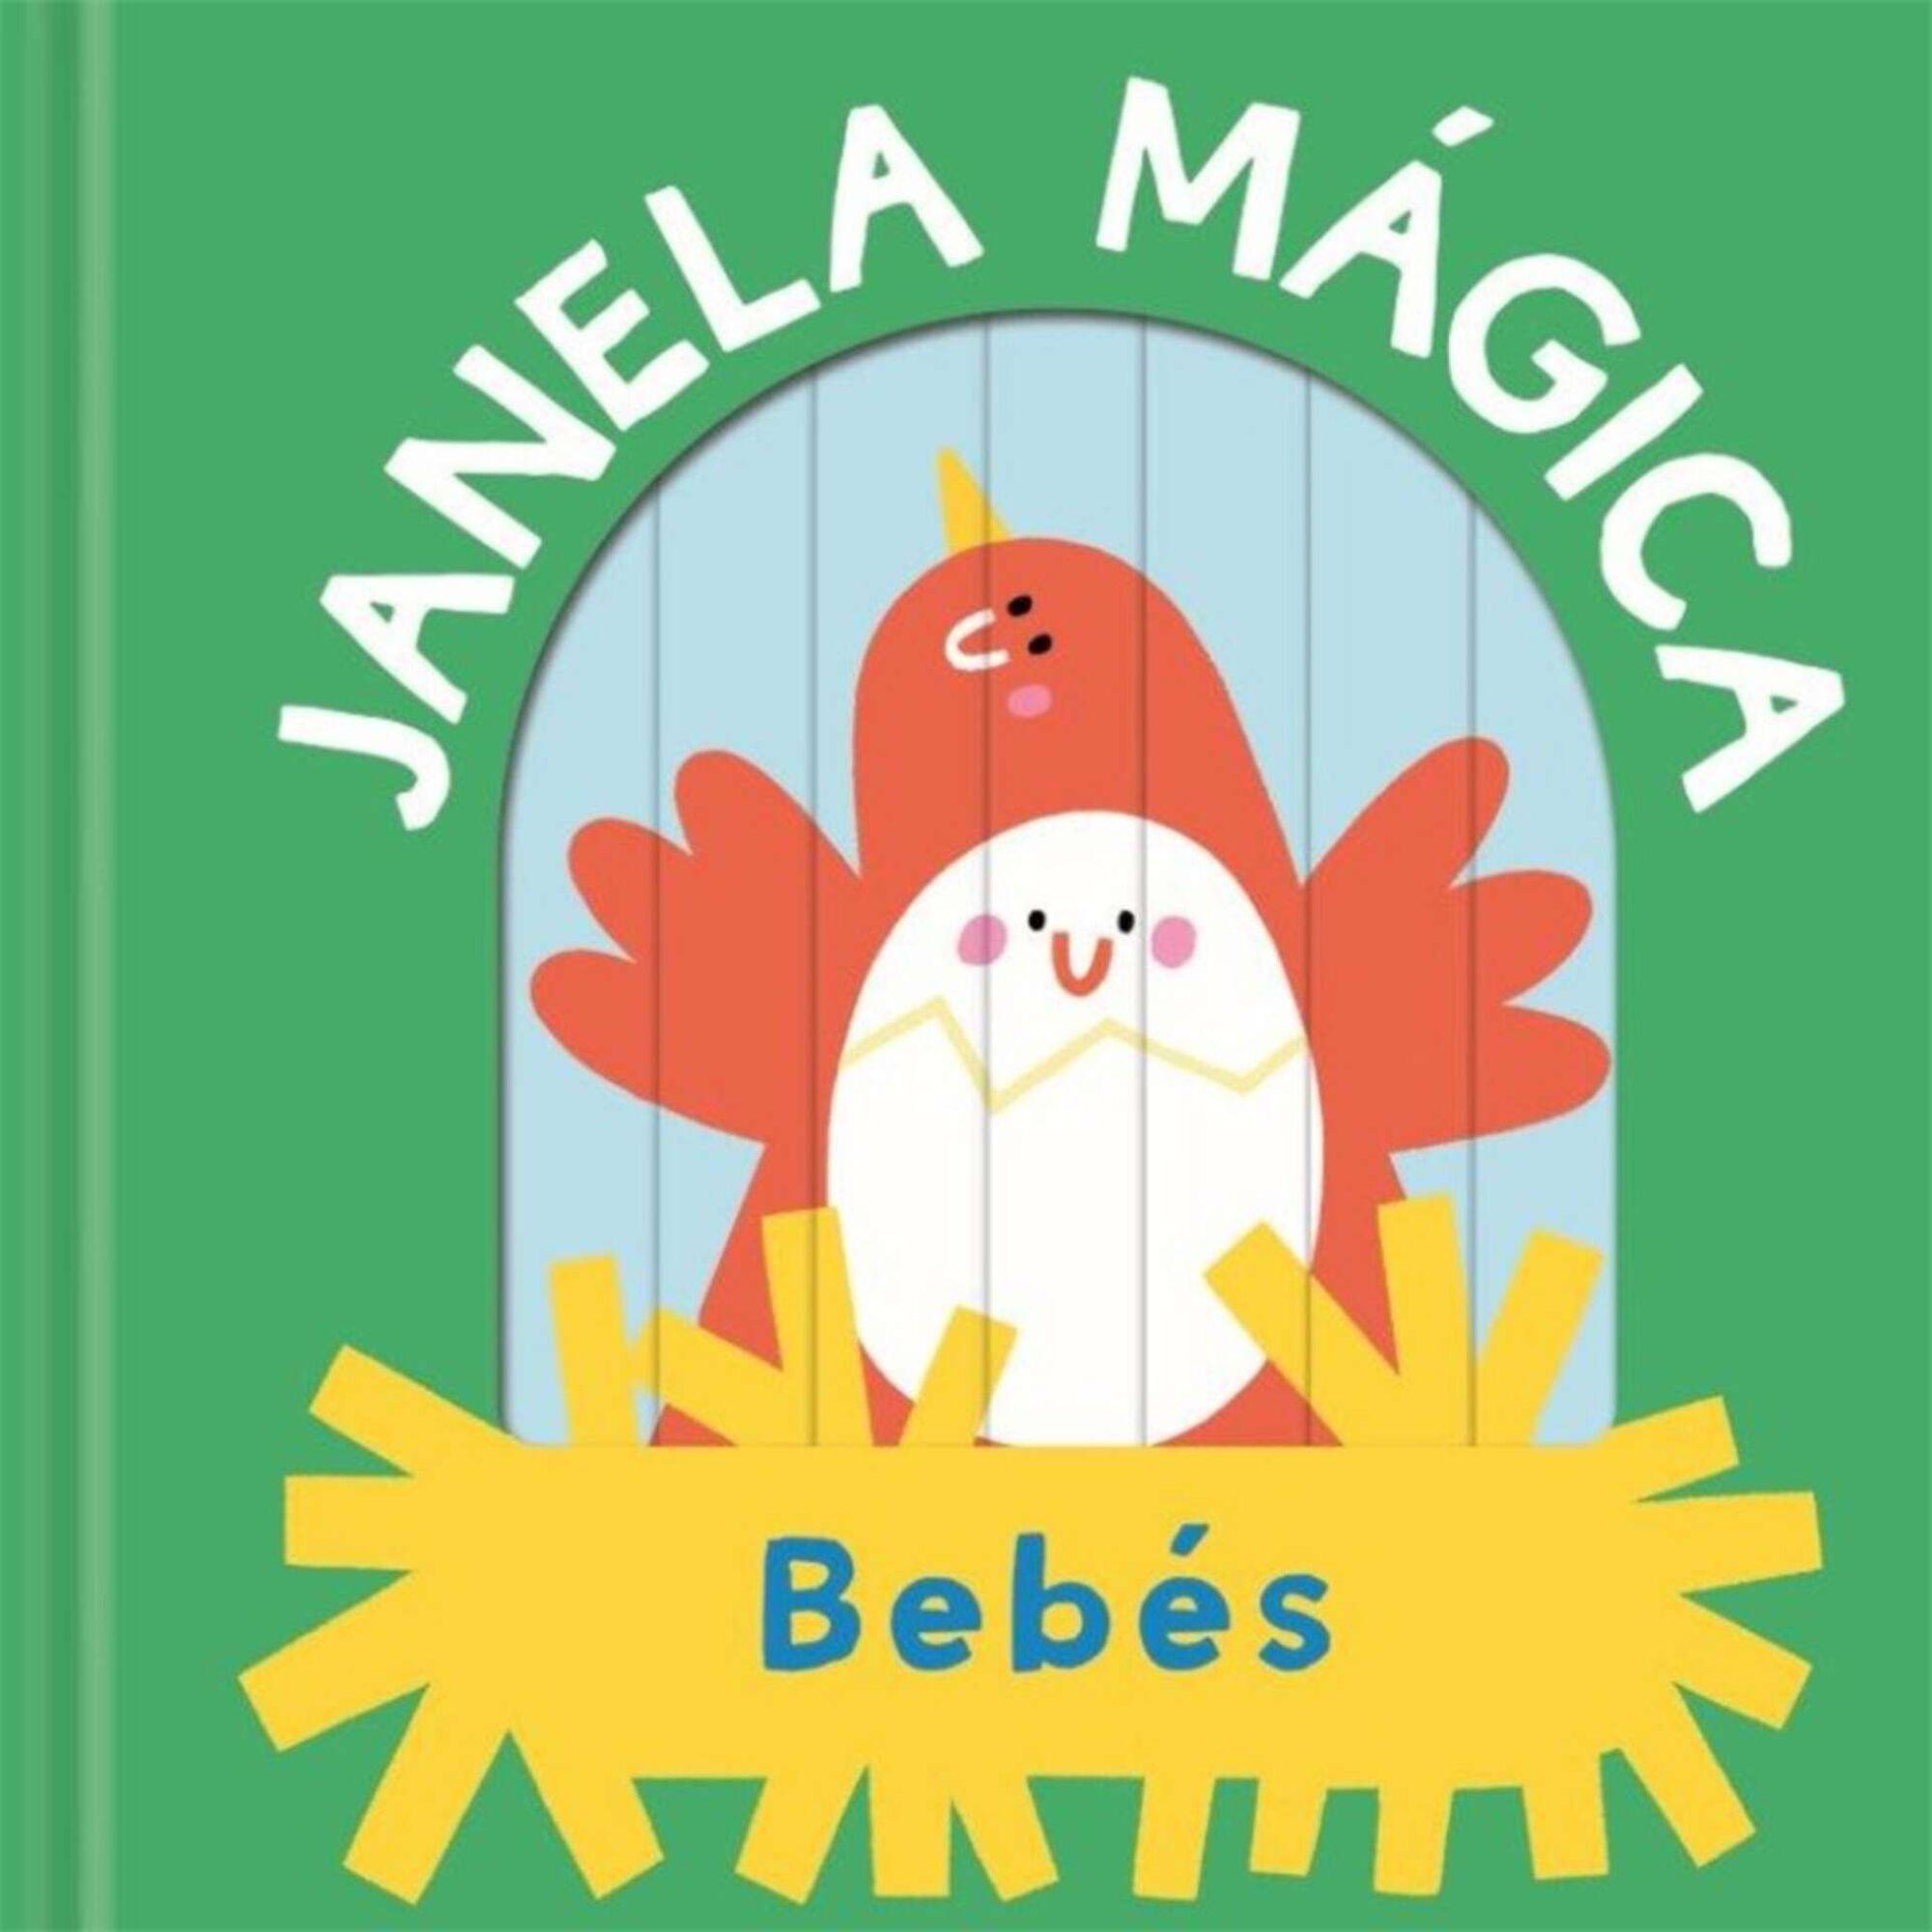 Janela Mágica - Bebés